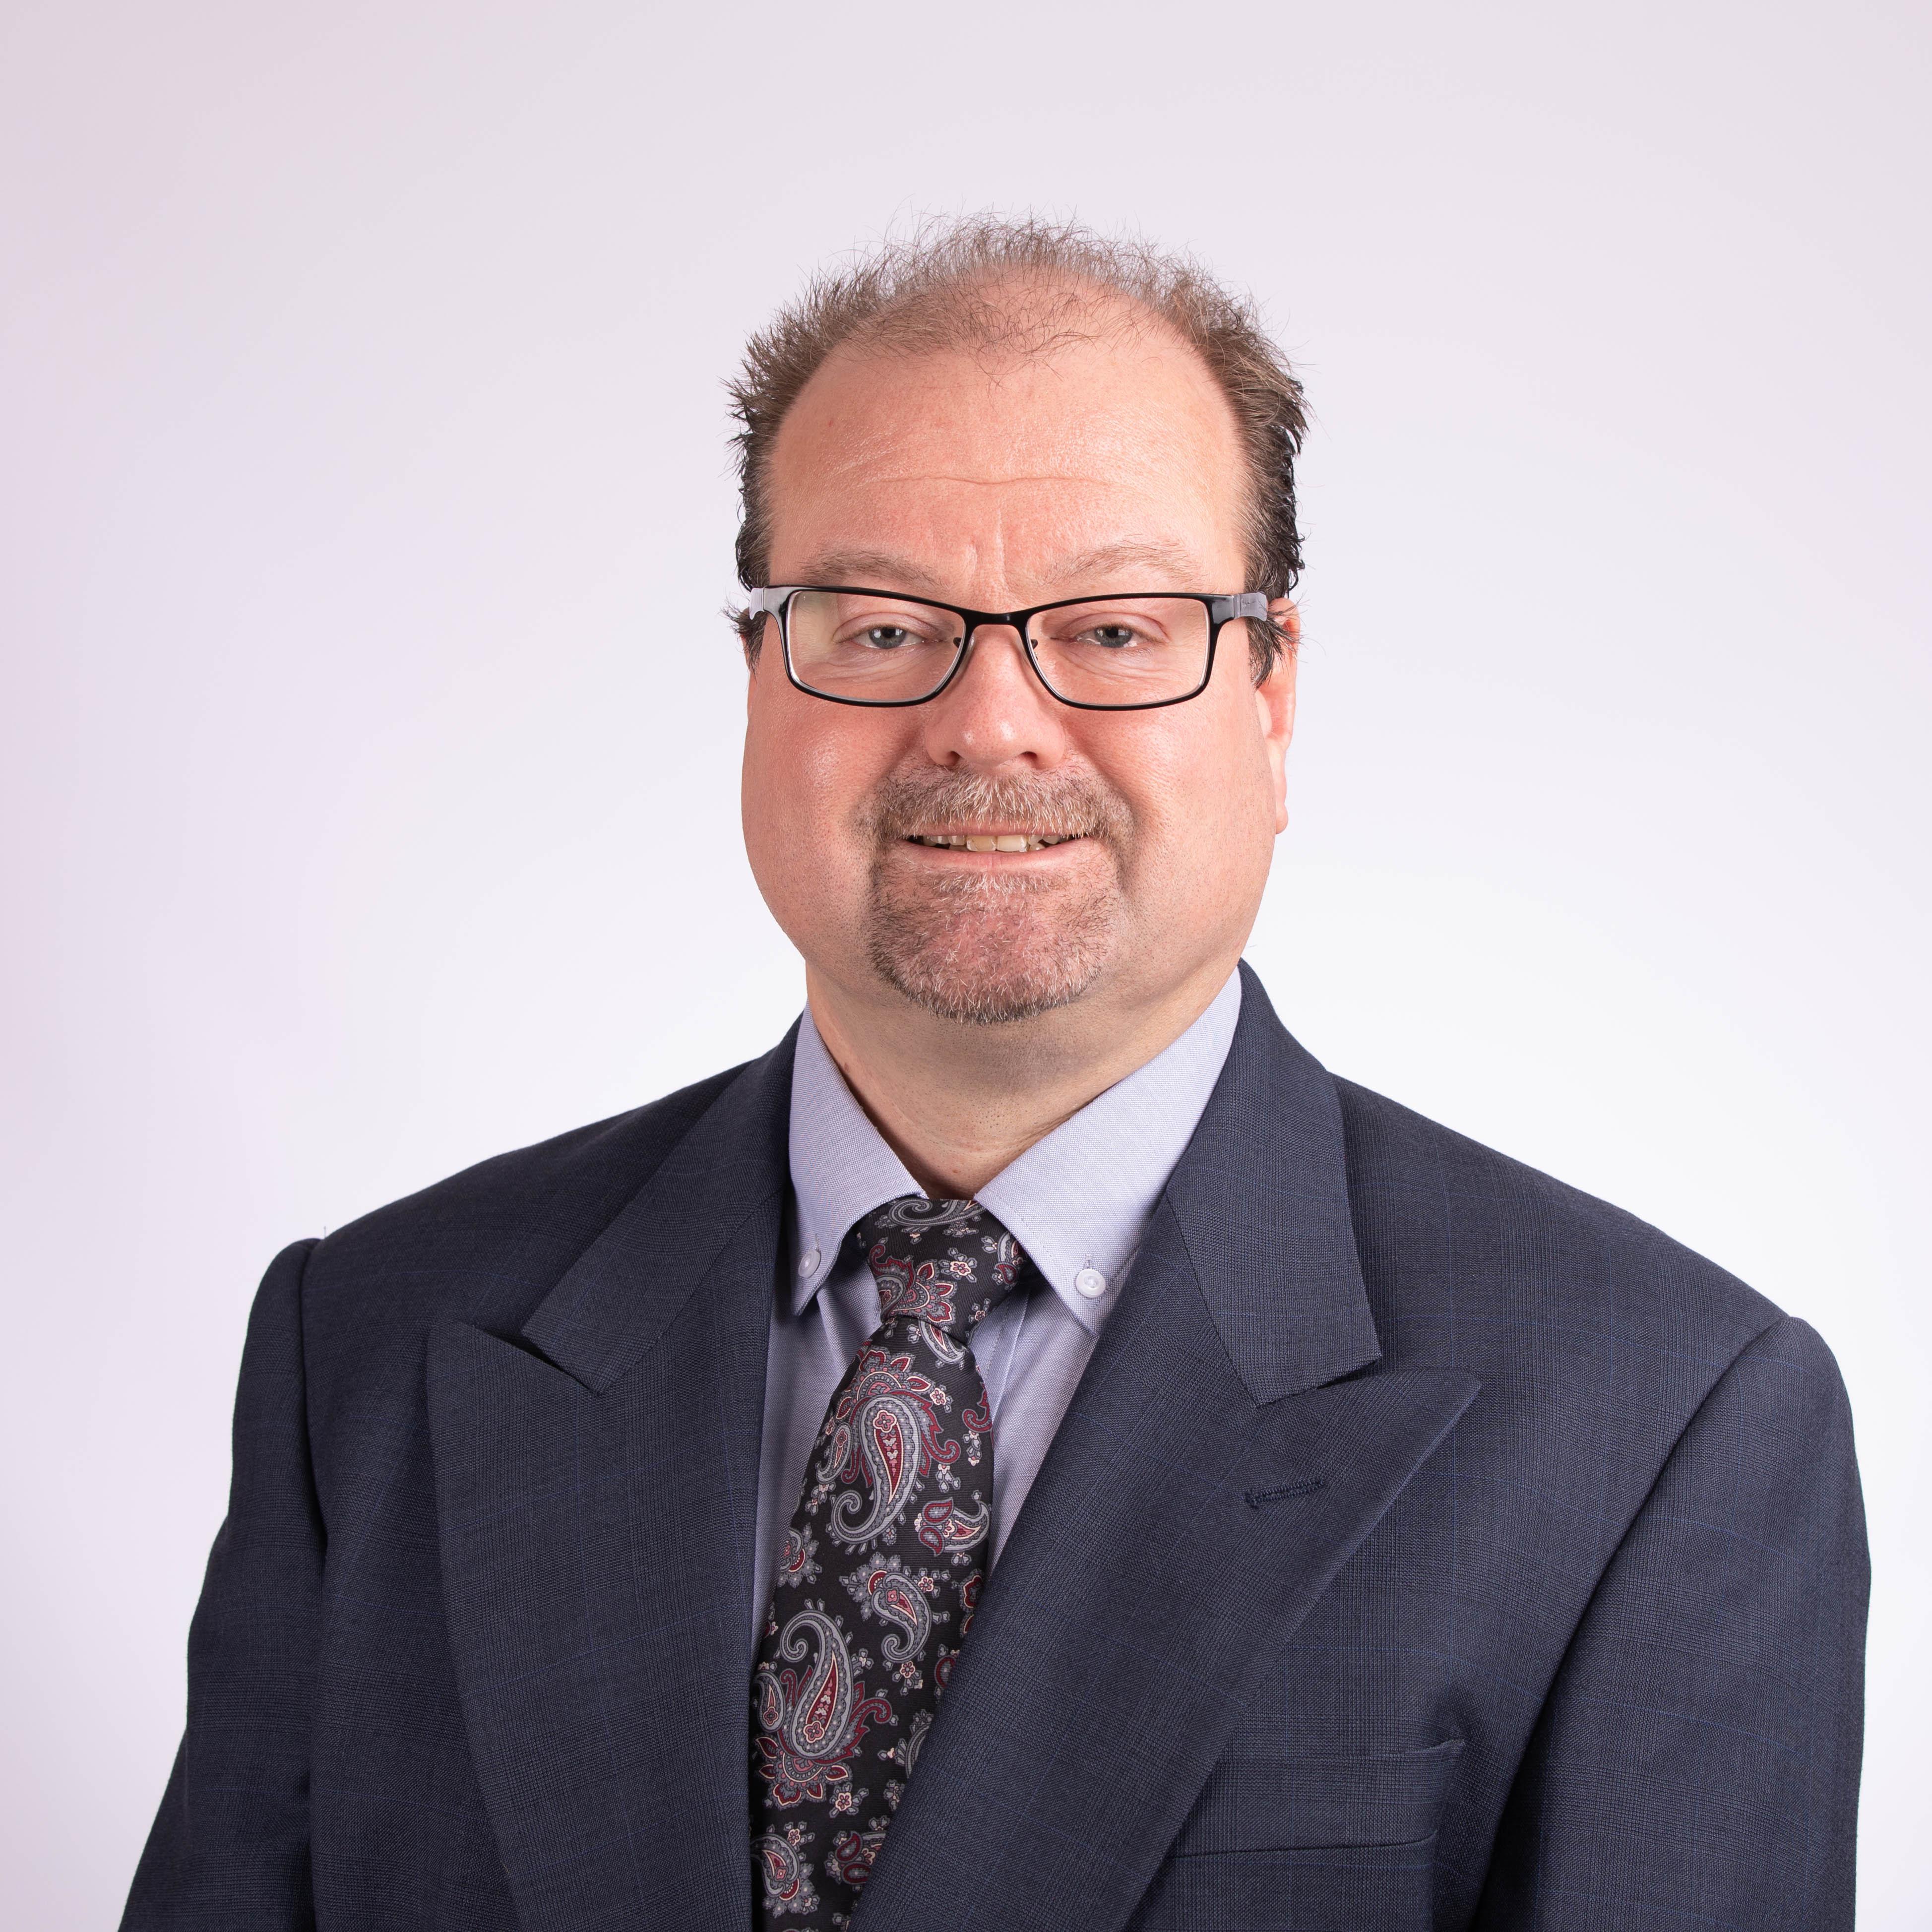 Ron Synowicki